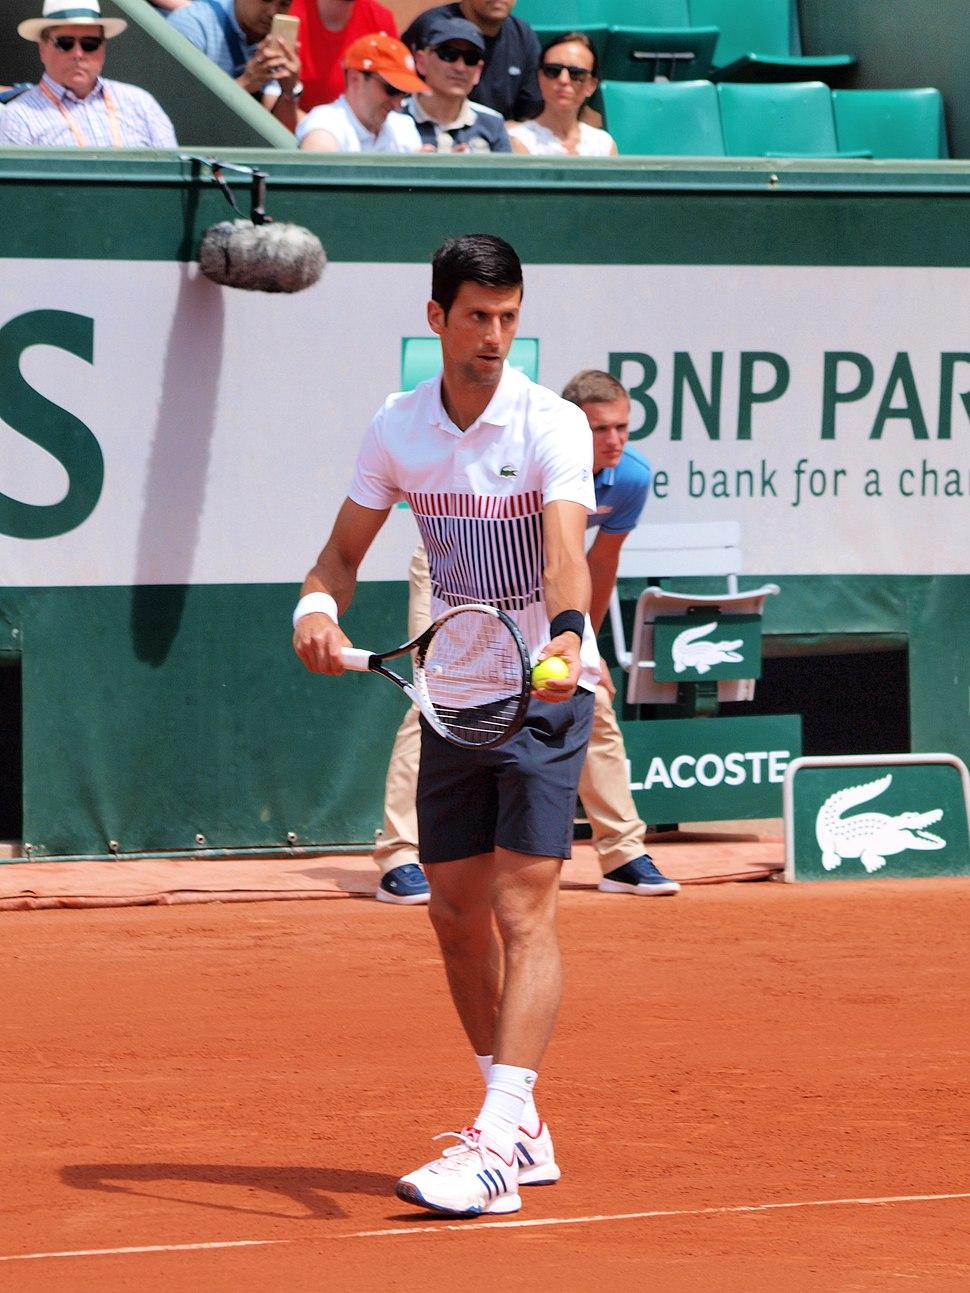 Paris-FR-75-open de tennis-31-5-17-Roland Garros-Novak Djokovic-13